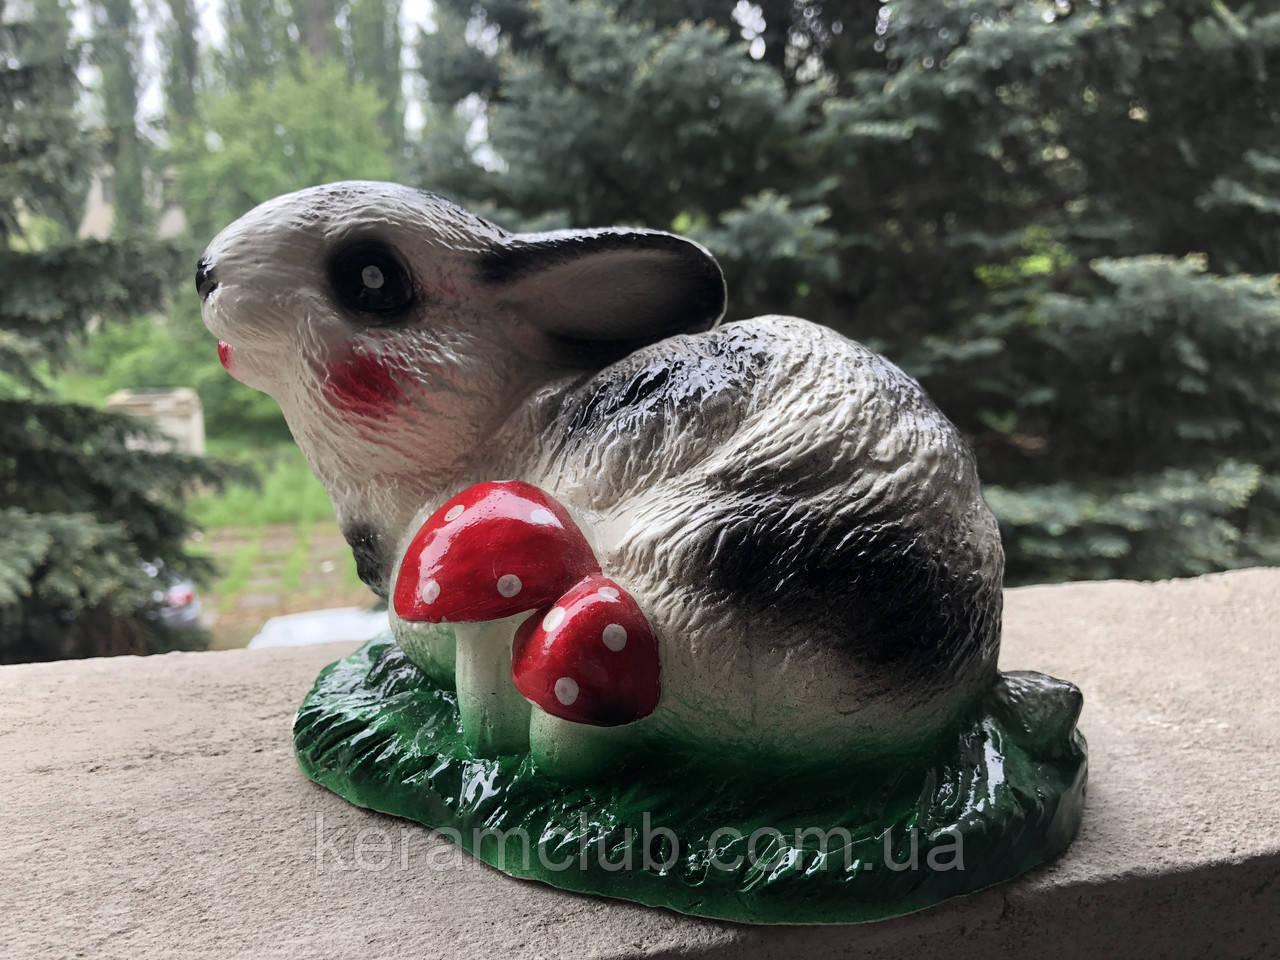 Ландшафтная фигура: кролик на лужайке